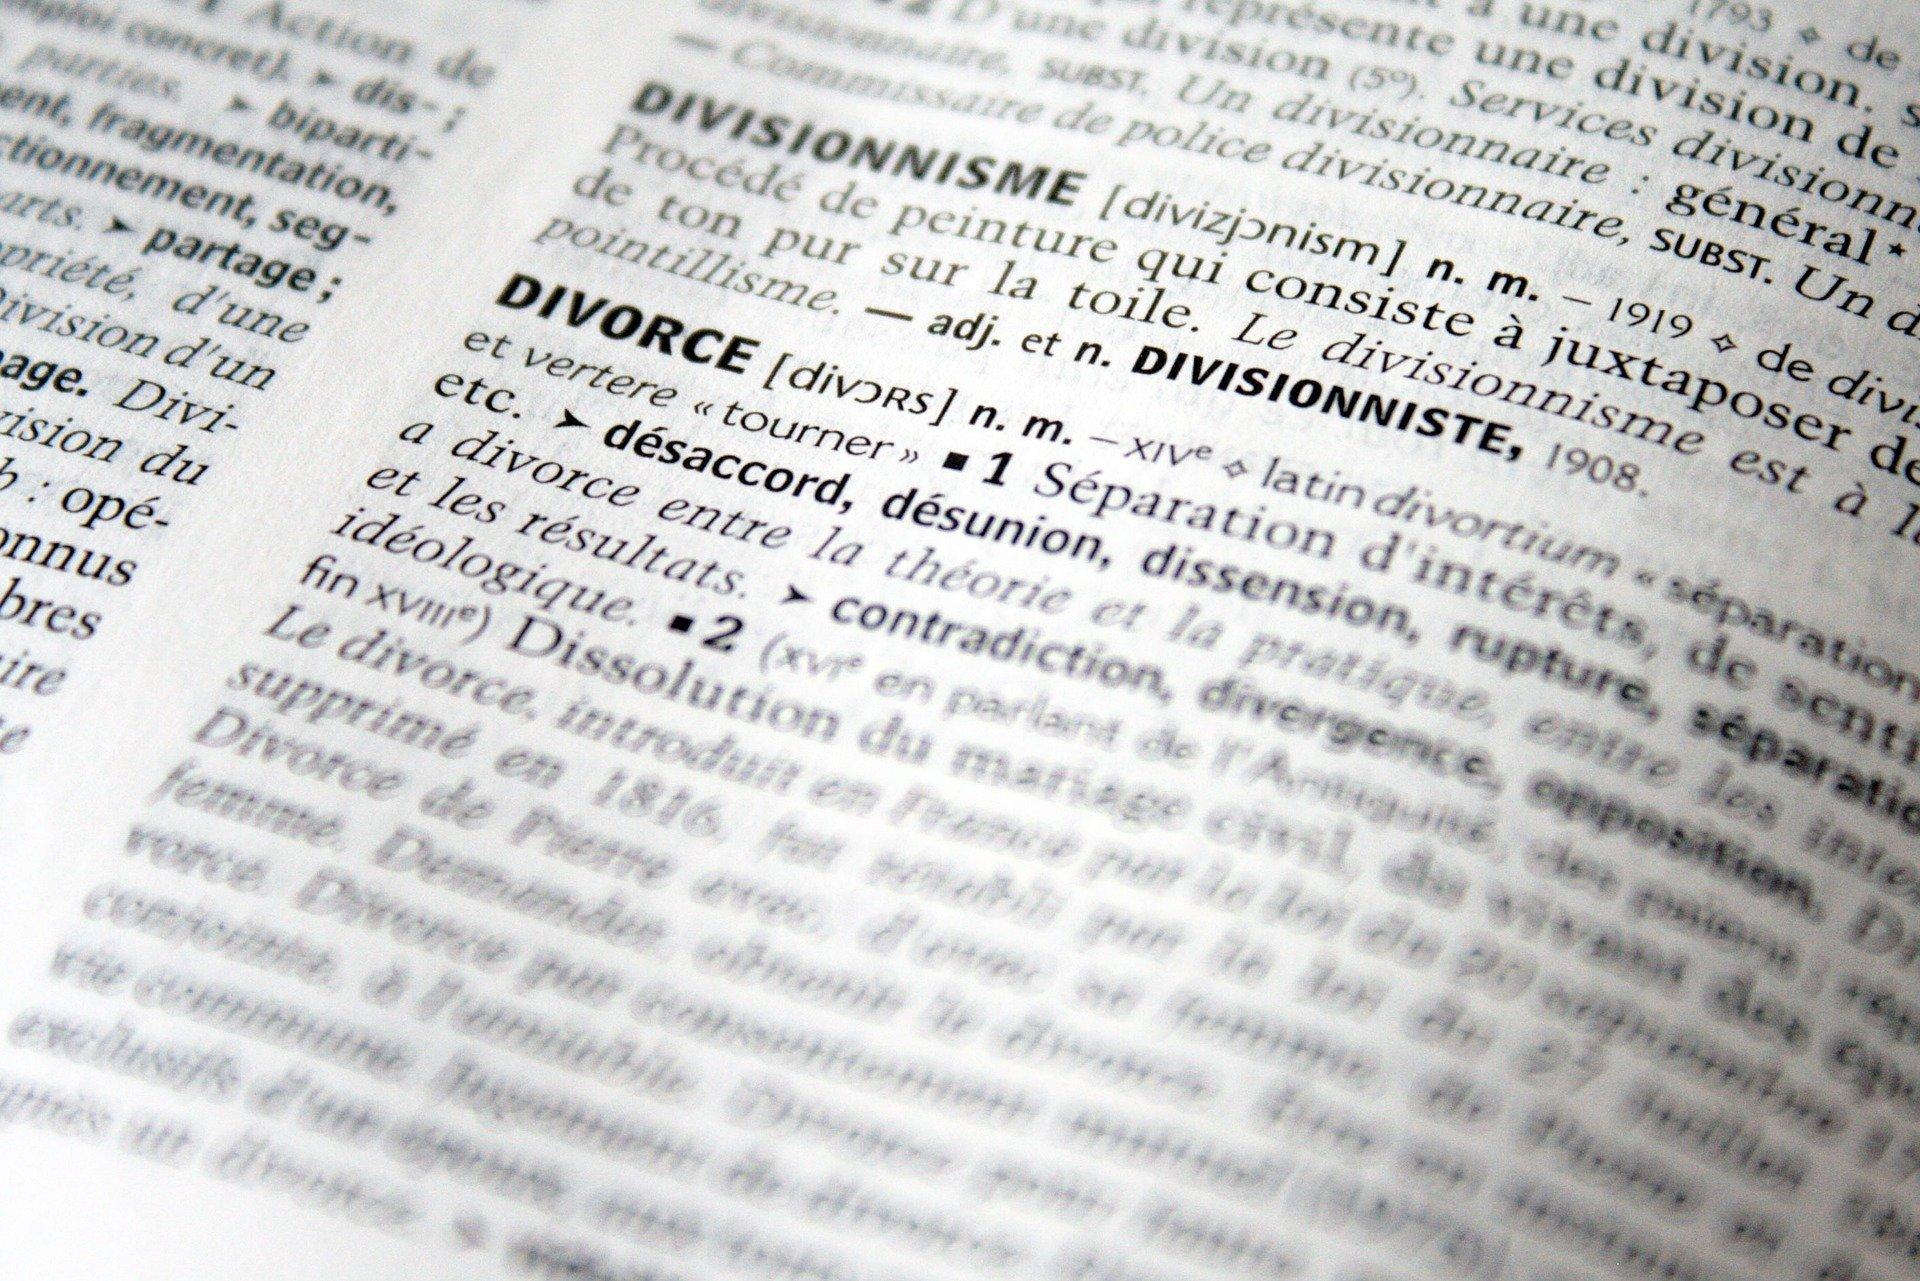 droit de partage divorce amiable